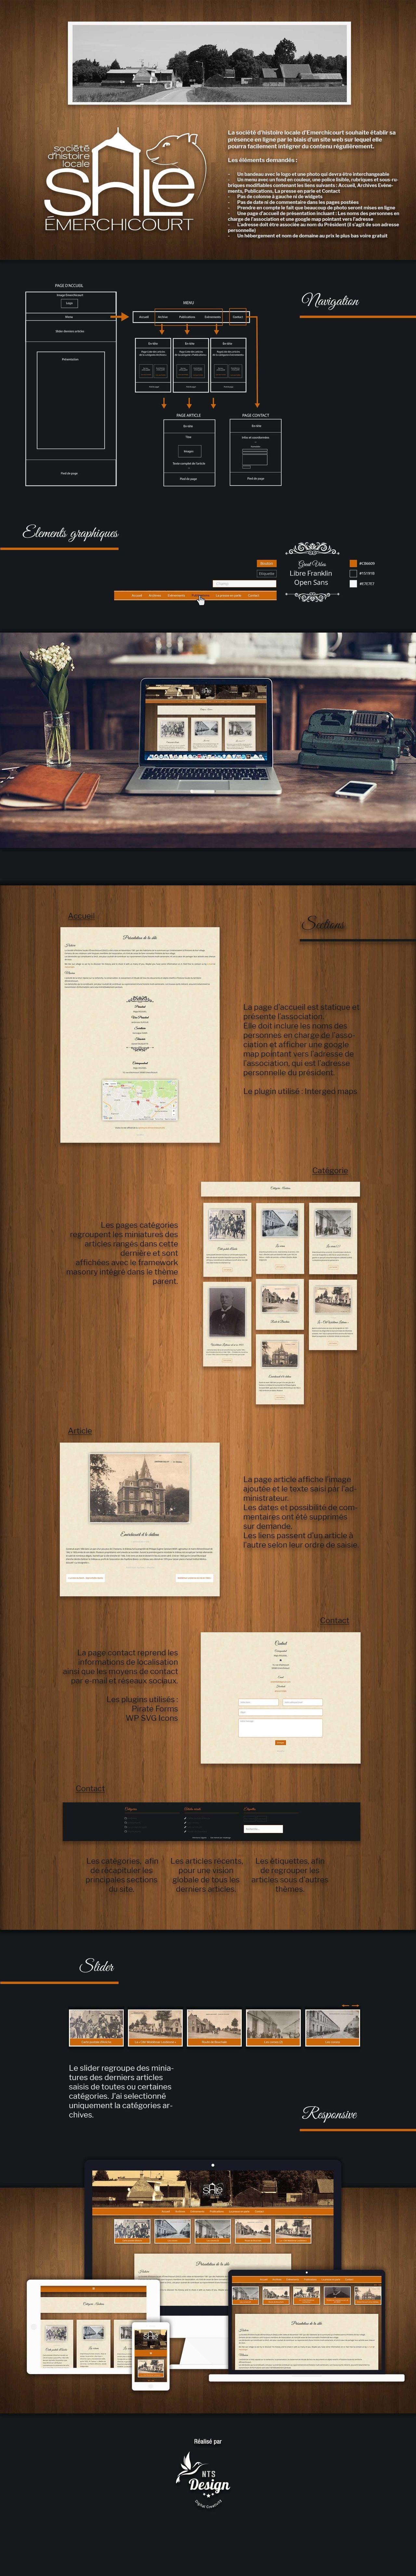 Société d'Histoire Locale d'Emerchicourt